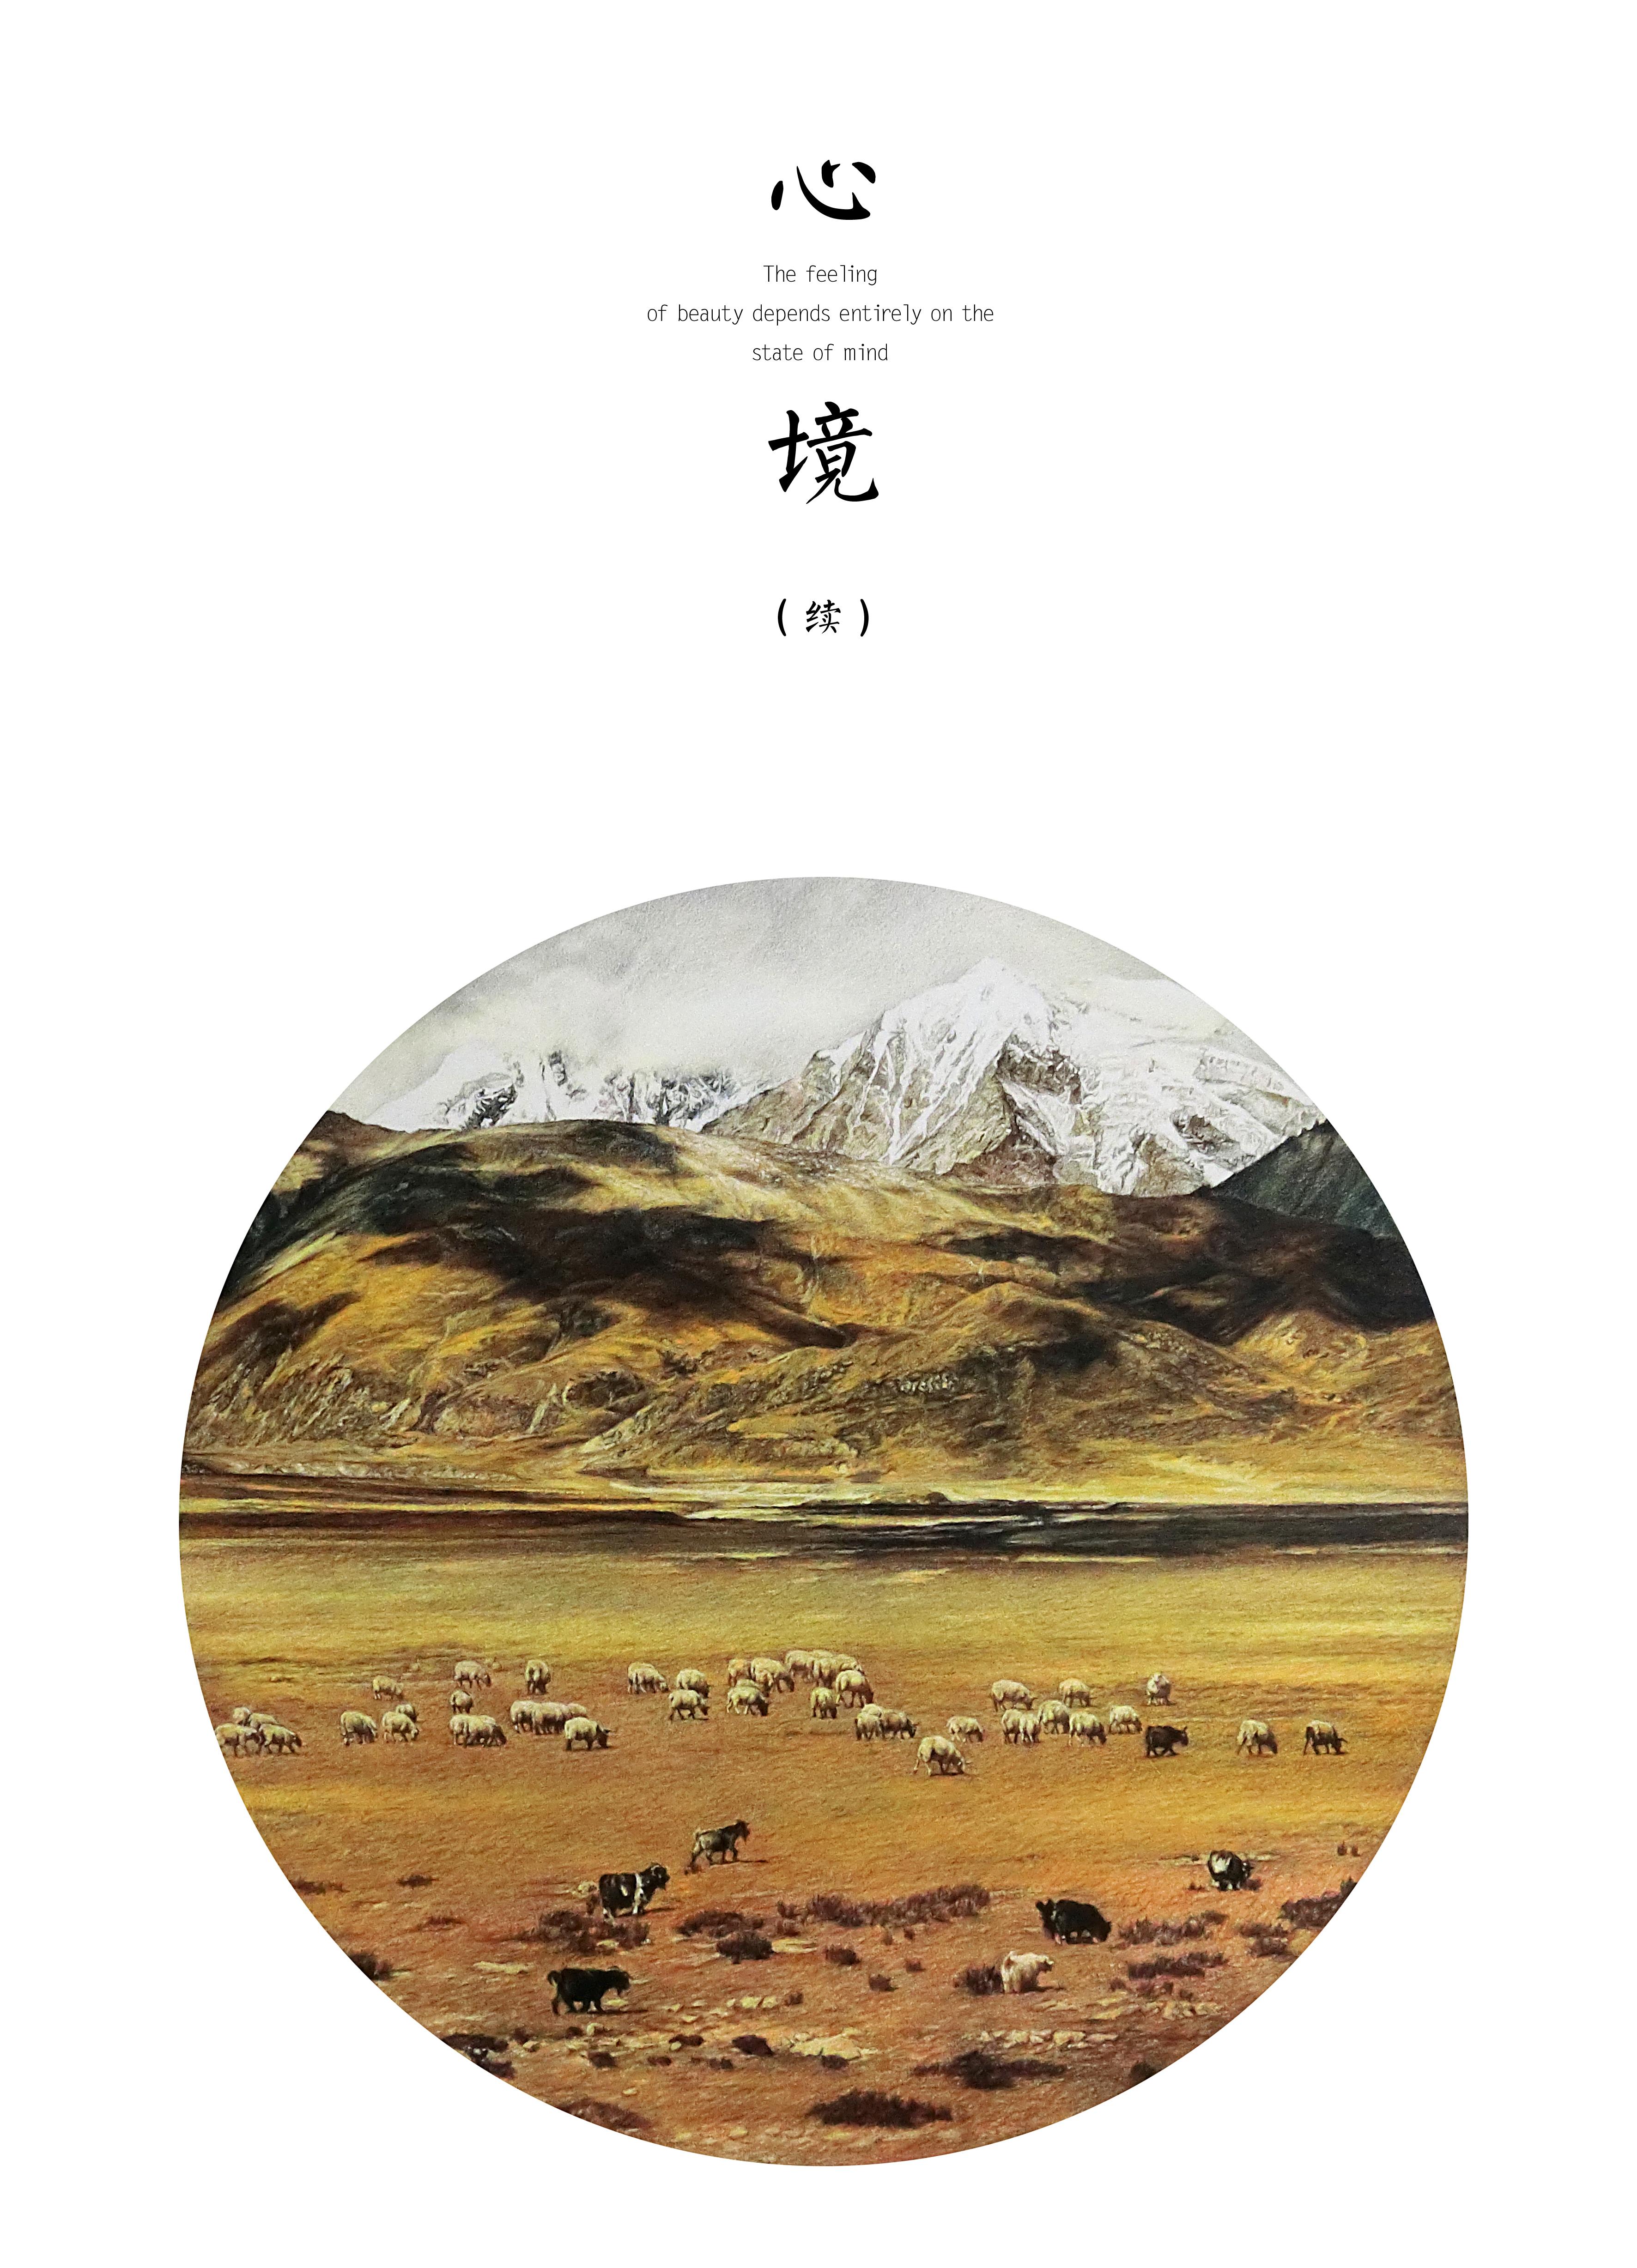 彩铅的魅力 —《心境》风景系列